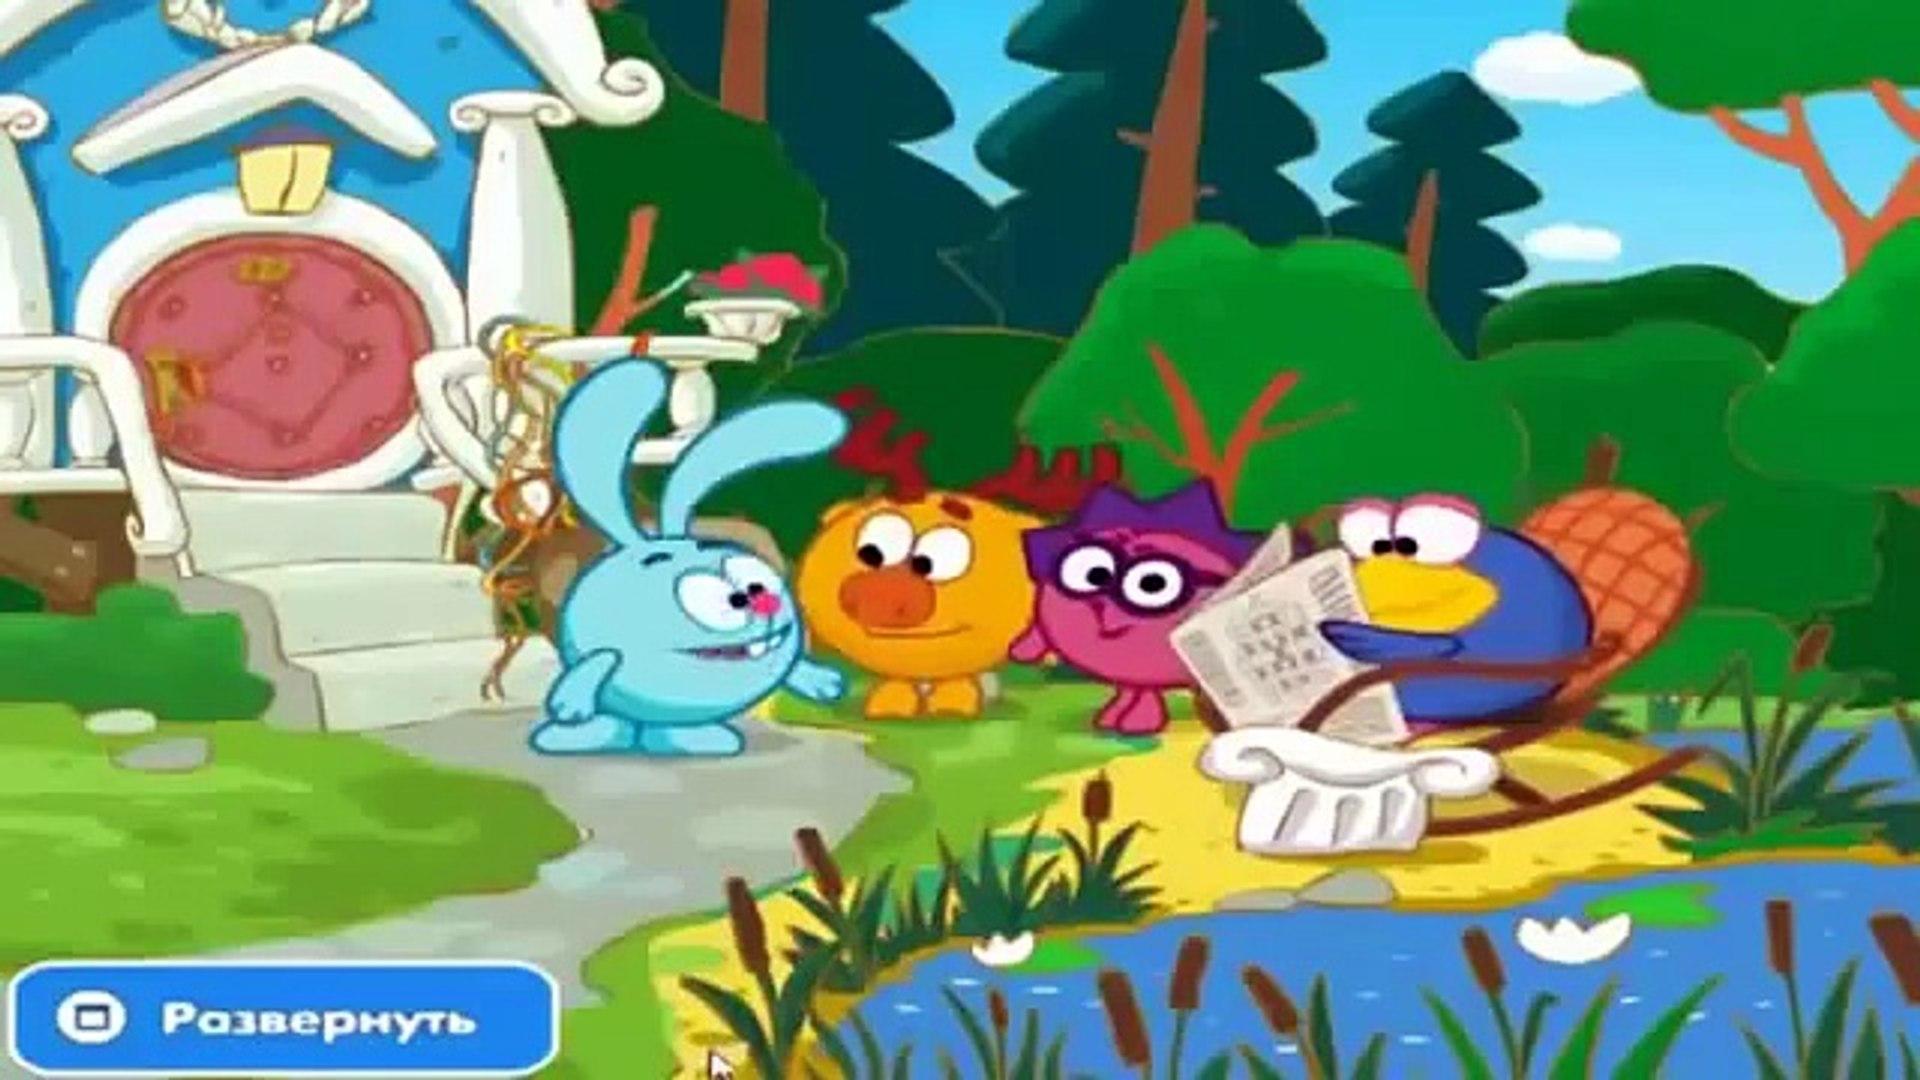 Игра Смешарики игра мультфильмы для детей новые серии Lets play по игре